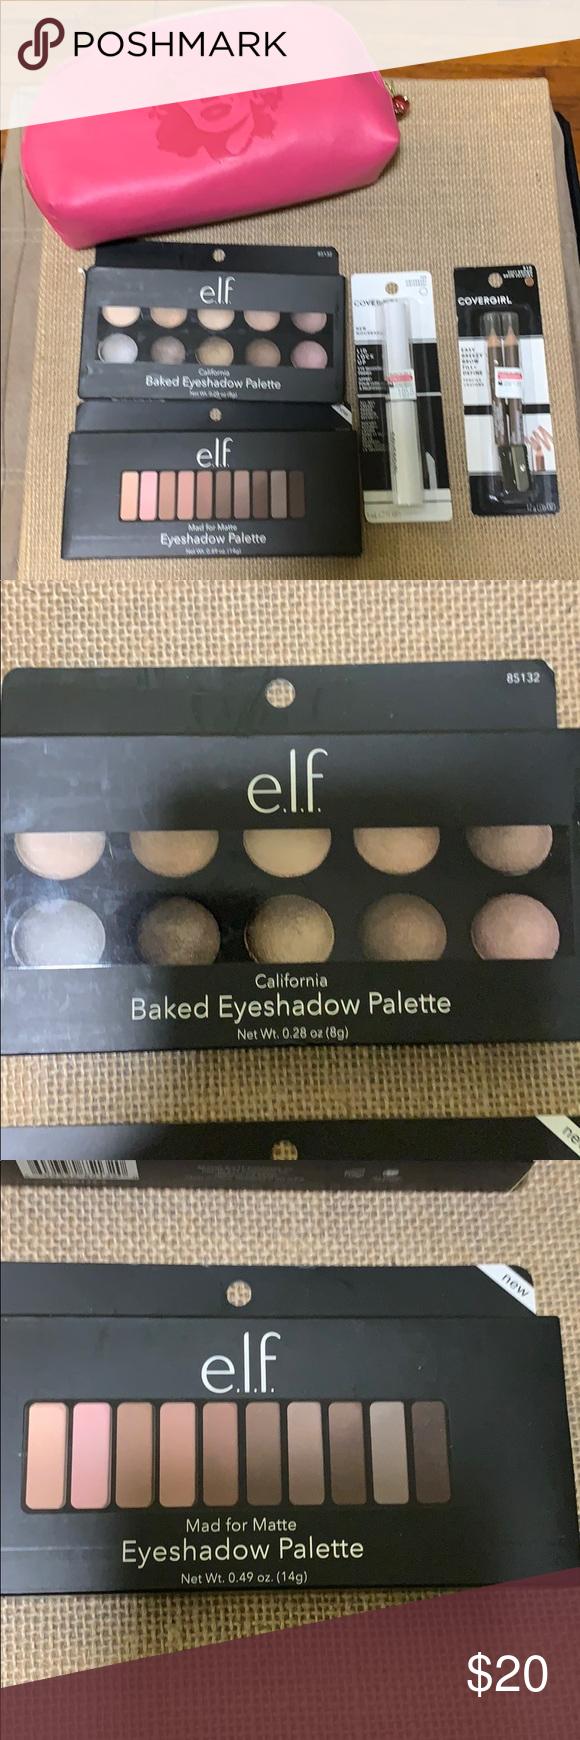 e.l.f. Clay Eyeshadow Palette   Elf eyeshadow palette